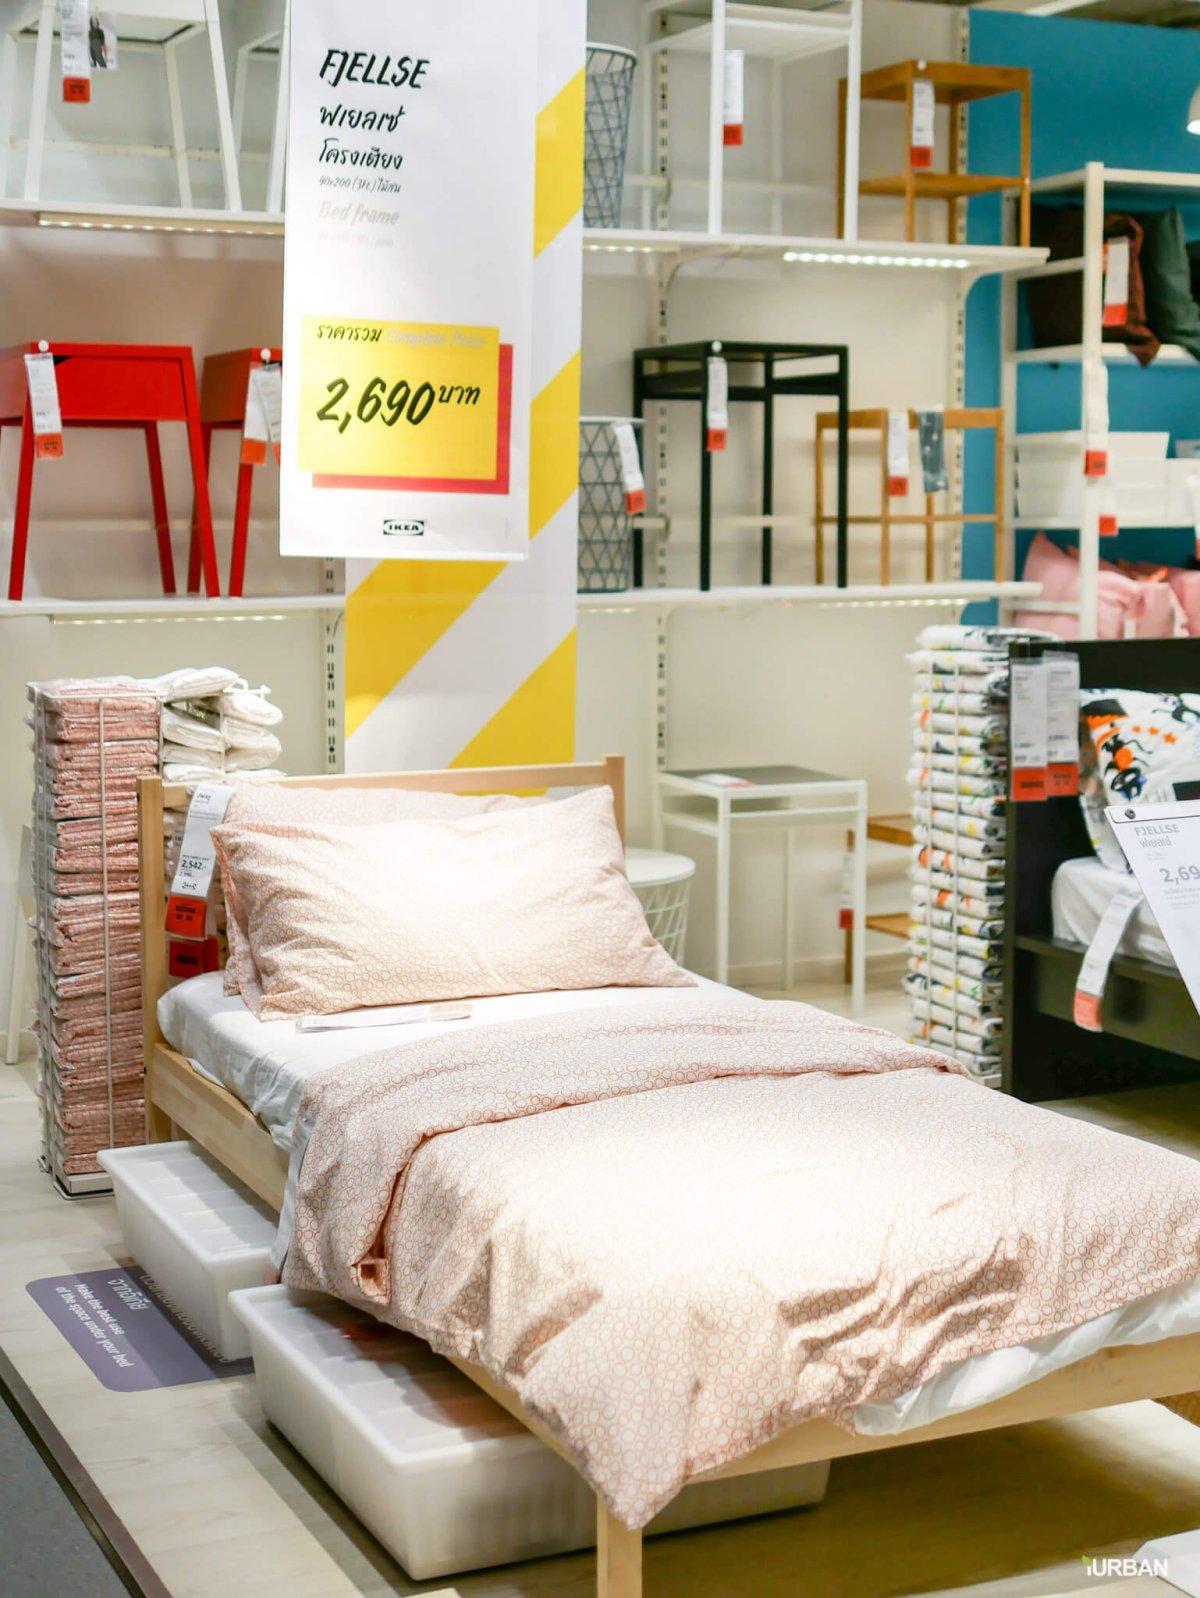 มันเยอะมากกกก!! IKEA Year End SALE 2017 รวมของเซลในอิเกีย ลดเยอะ ลดแหลก รีบพุ่งตัวไป วันนี้ - 7 มกราคม 61 17 - IKEA (อิเกีย)